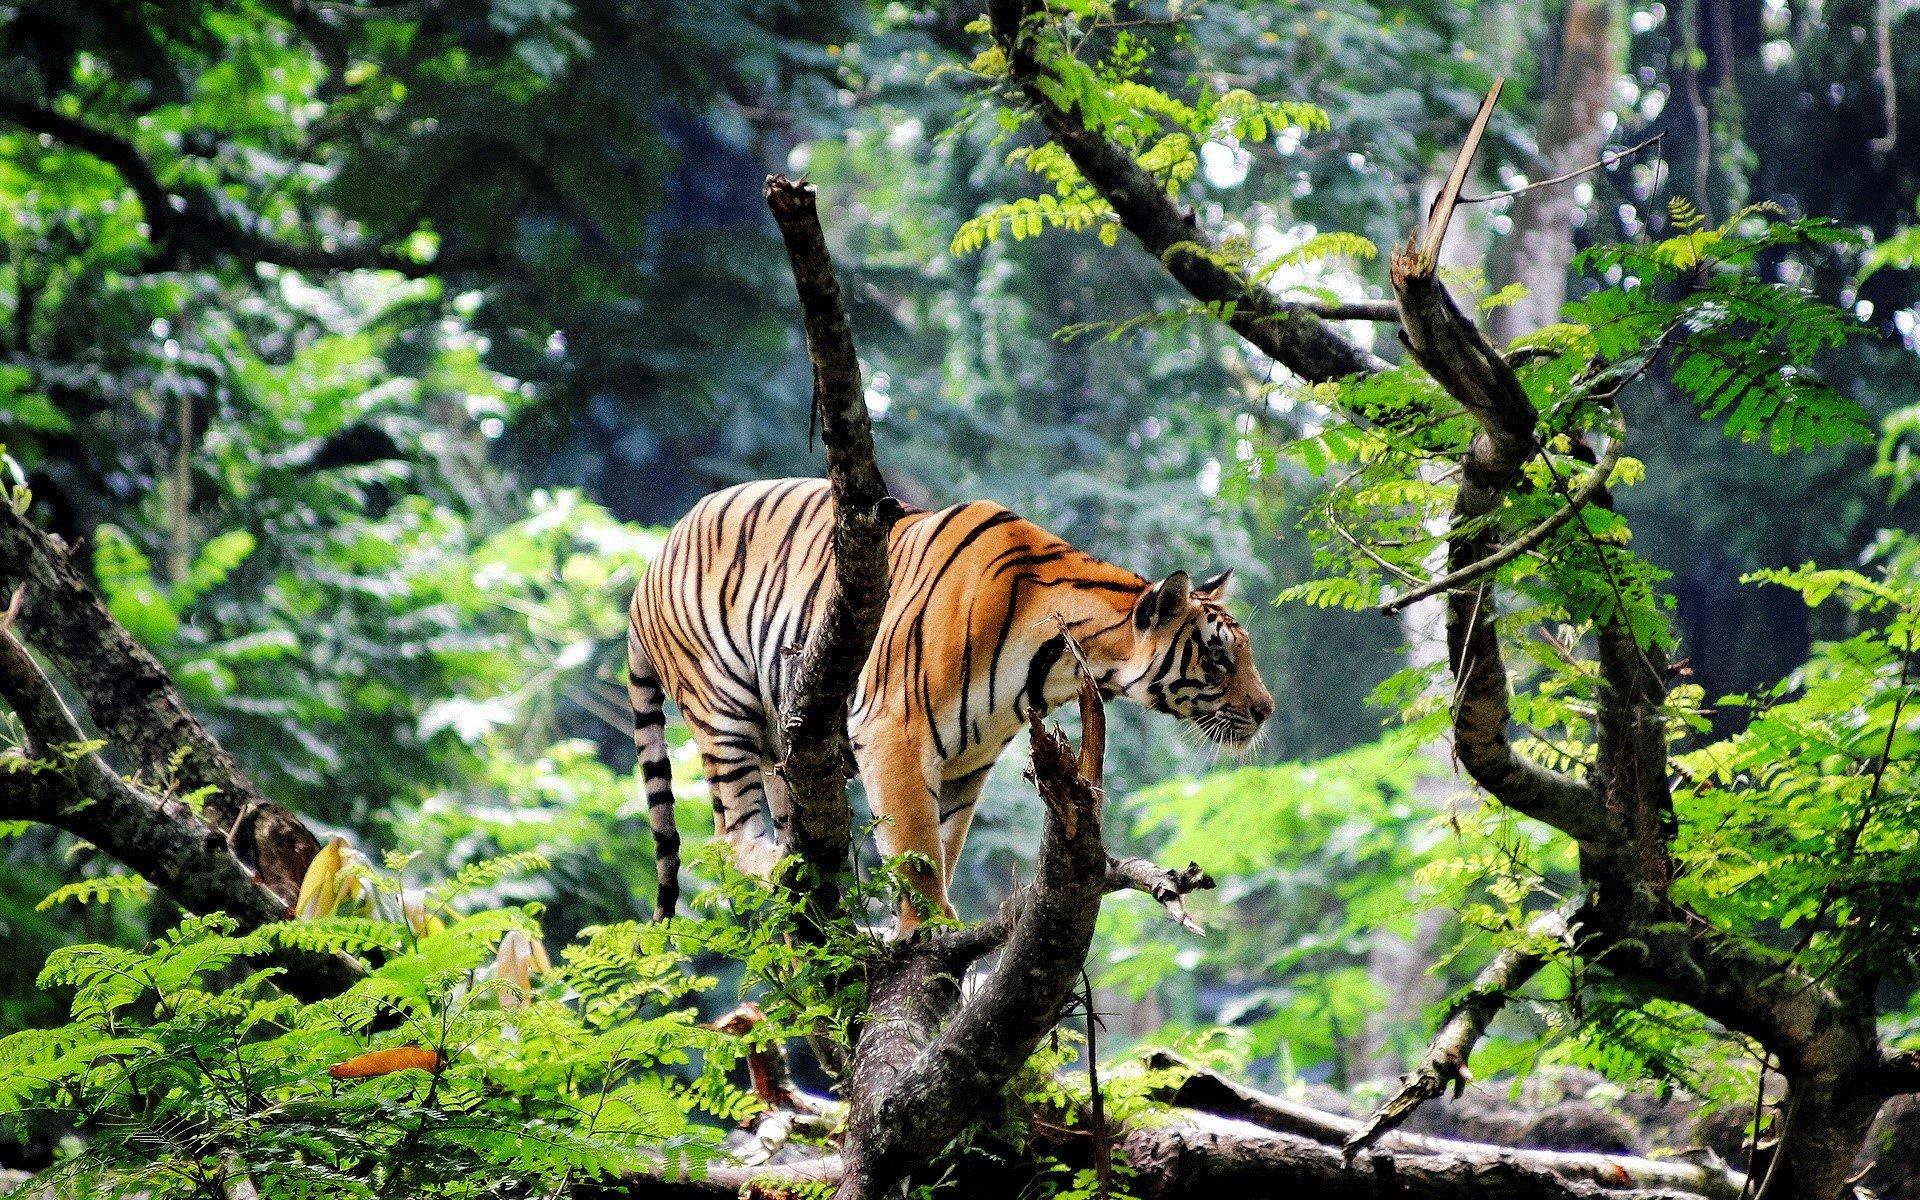 Fondo de pantalla de Tigre de bengala en la selva Imágenes